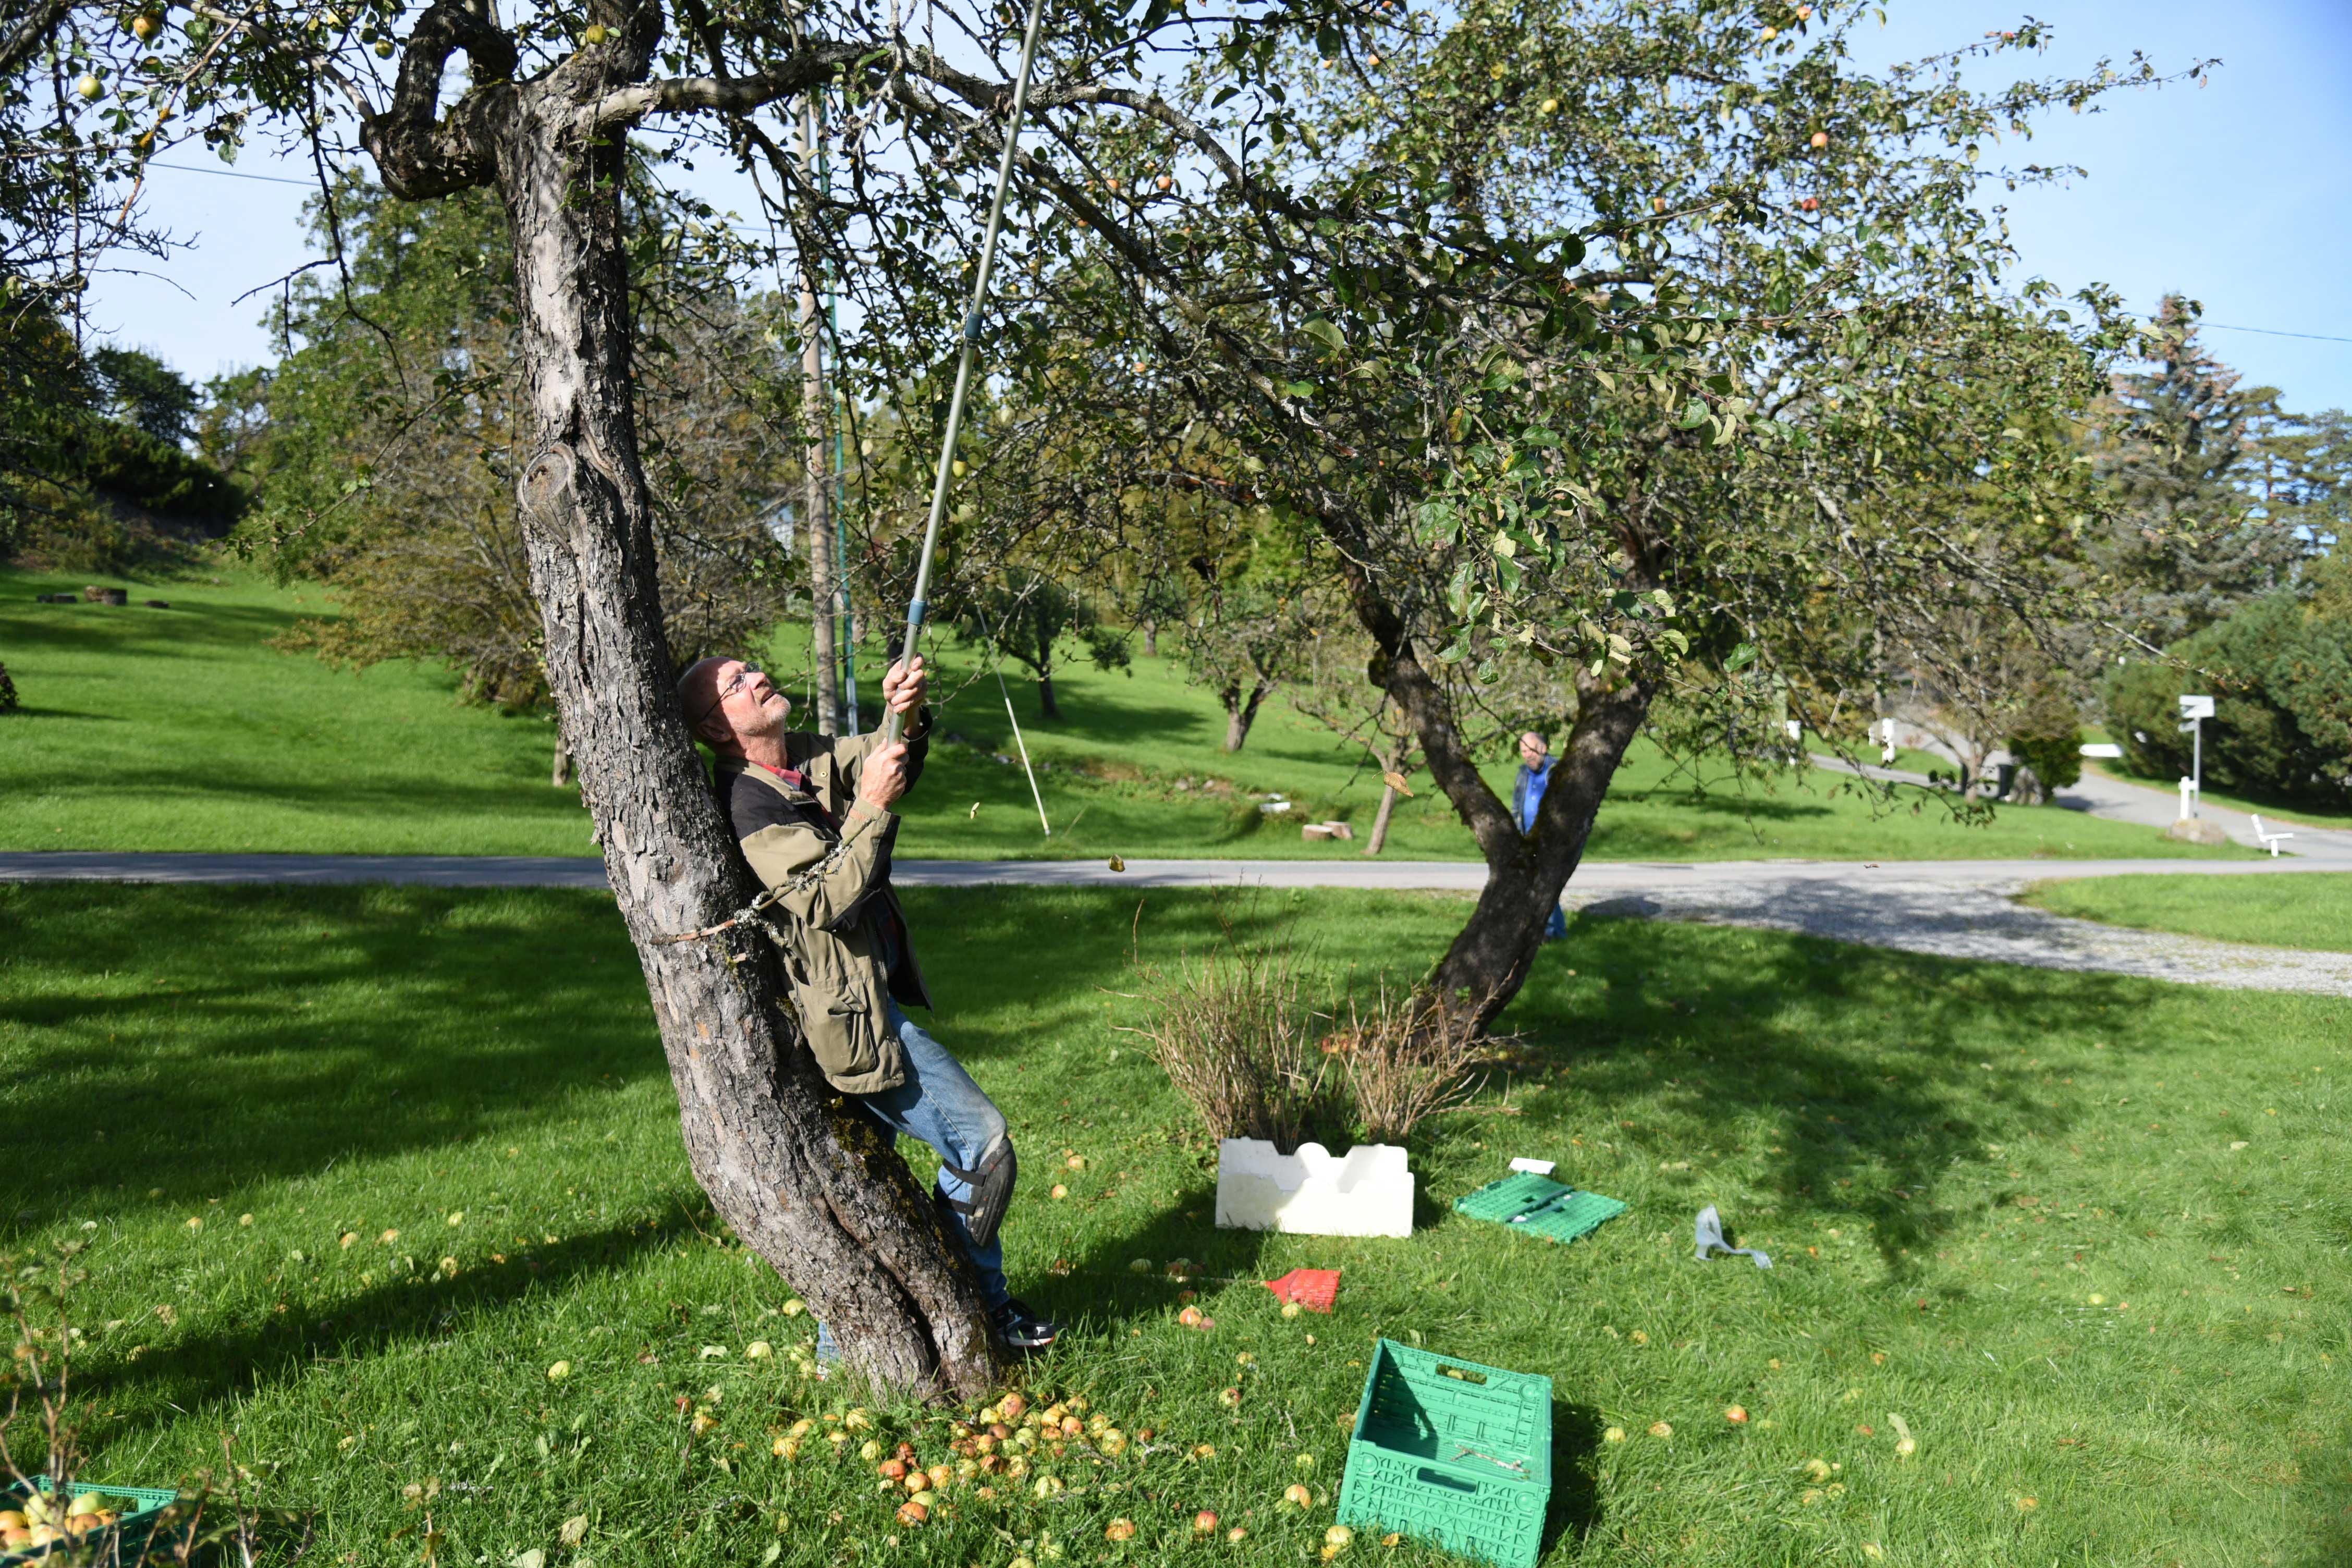 Stein Dyre Berge har en eiendommelig måte å sanke de nedfalne eplene på. Ryggen er ikke god, så han tar på knebeskyttere og kravler rundt i hagen på alle fire. Også blant nedfallsfrukten finnes det gode eksemplarer. De har ikke modnet og falt forgjeves.